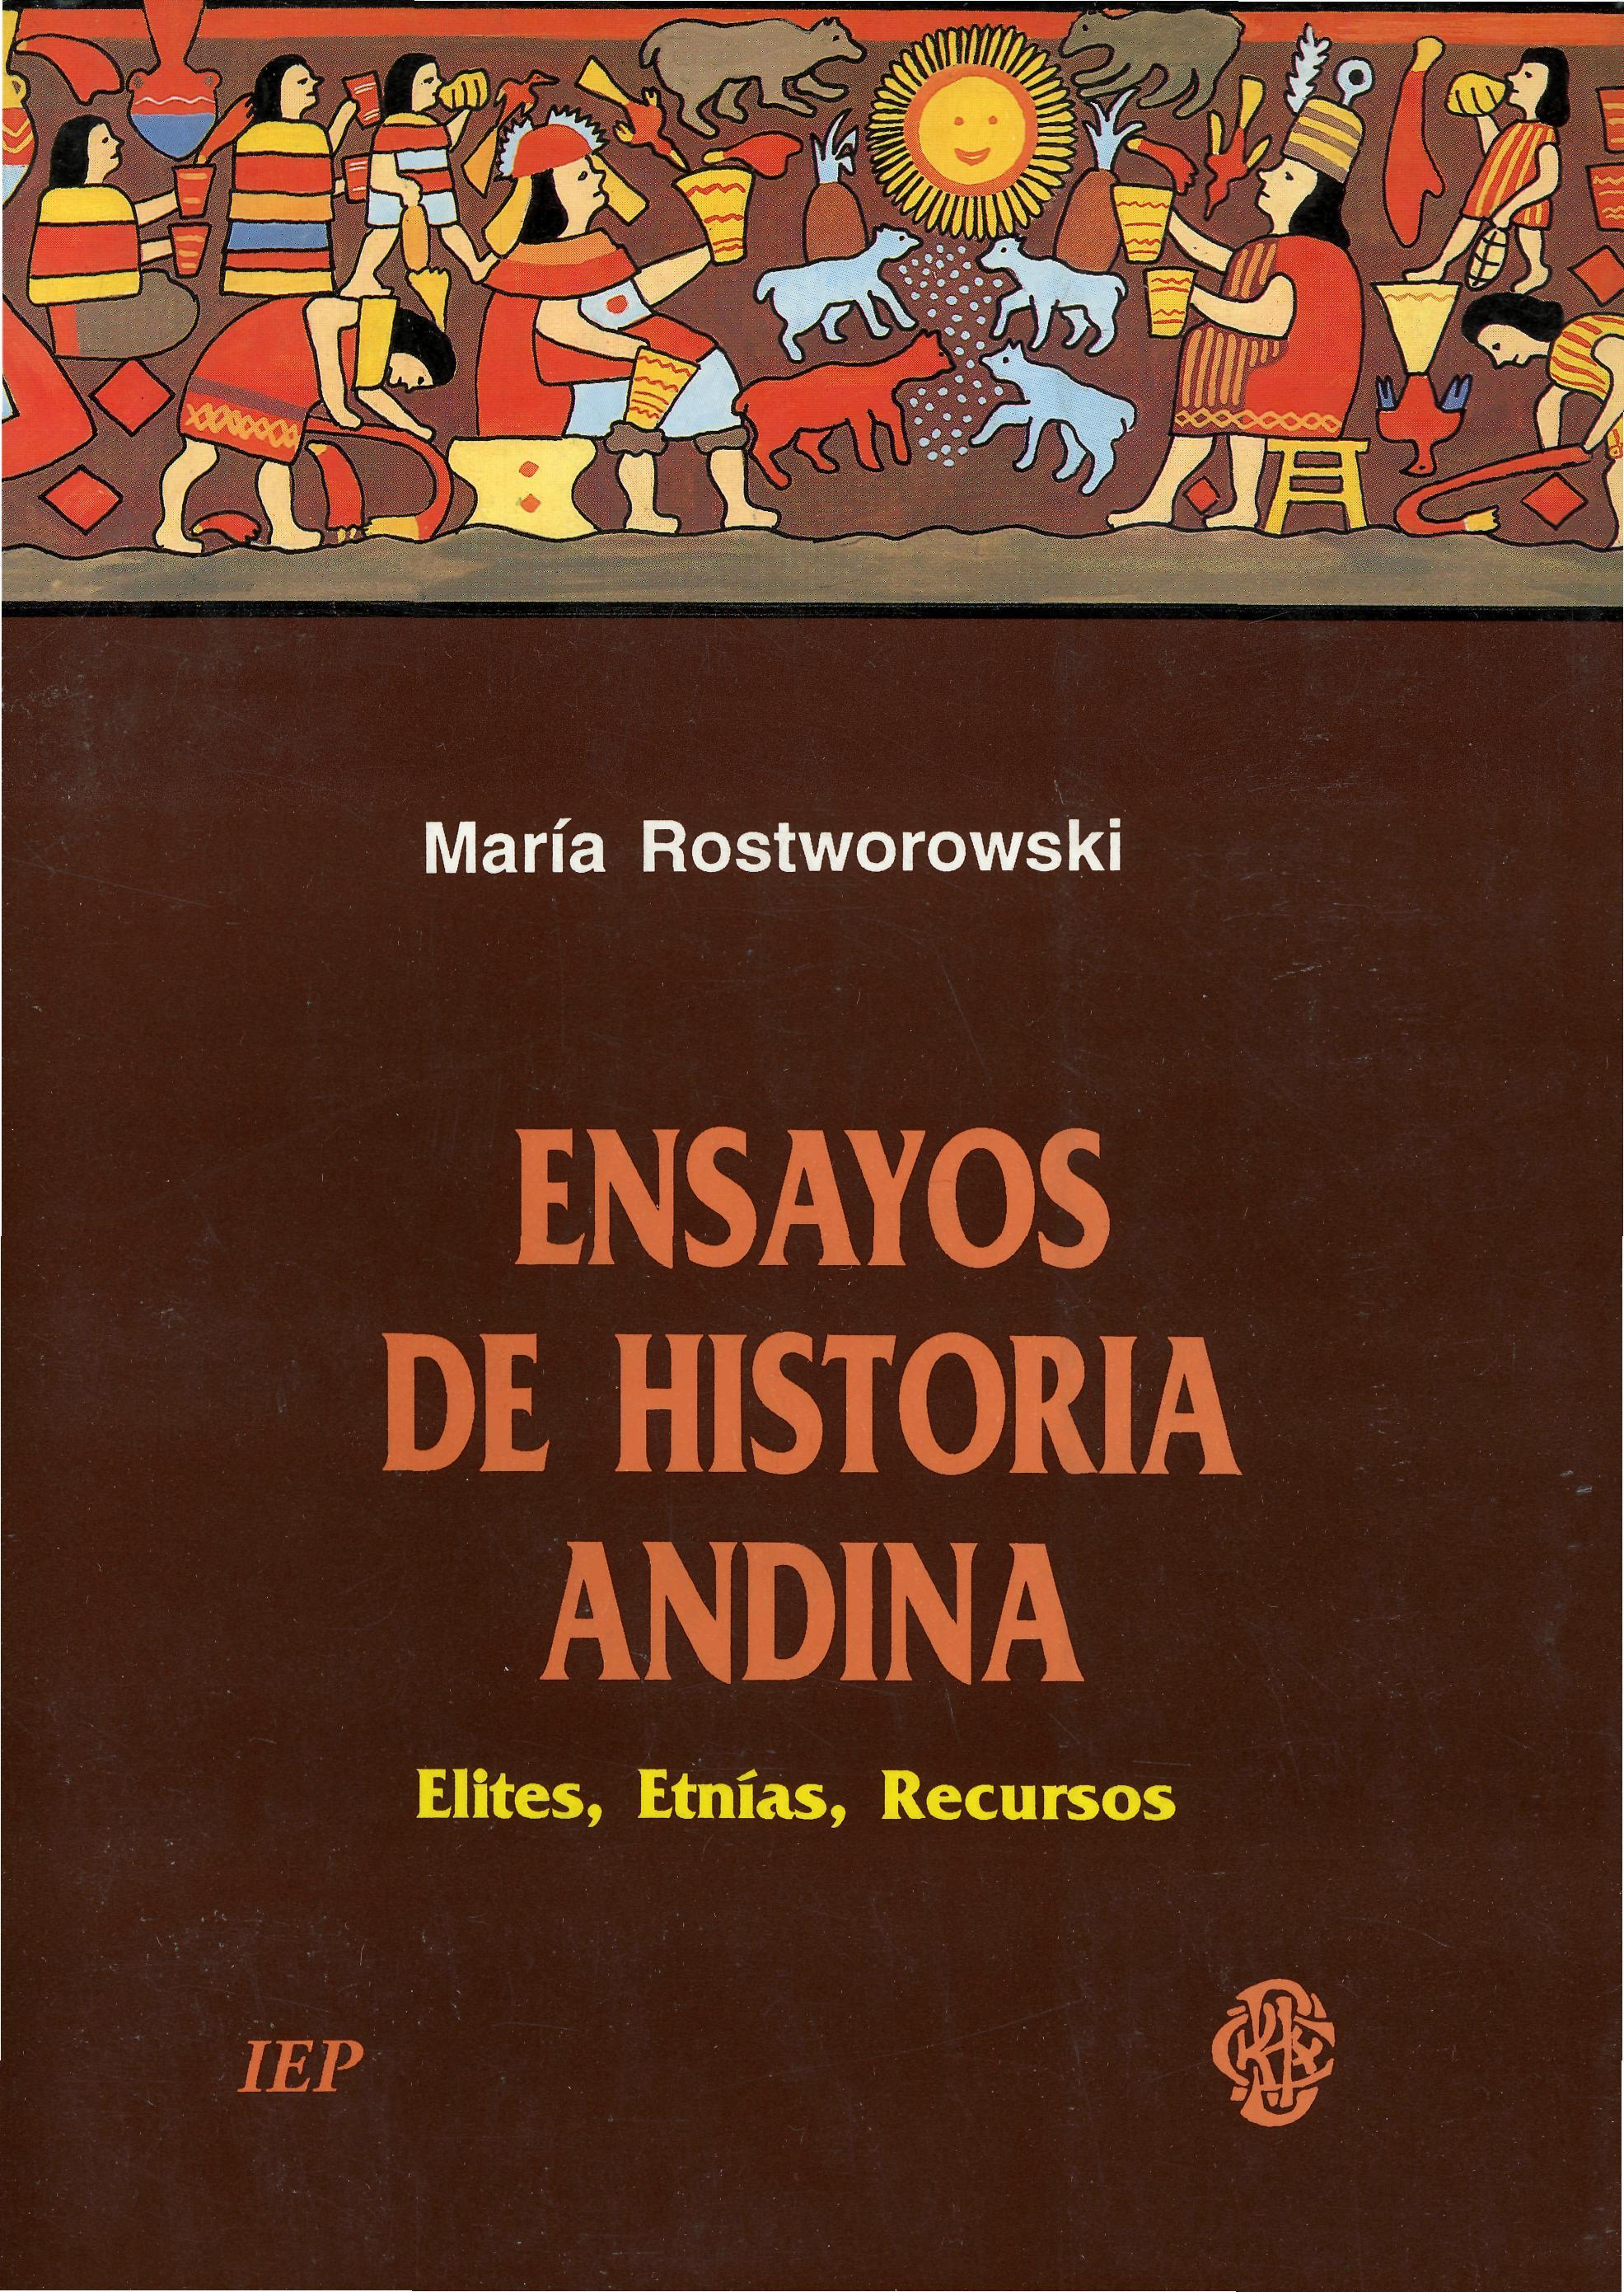 Ensayos de historia andina